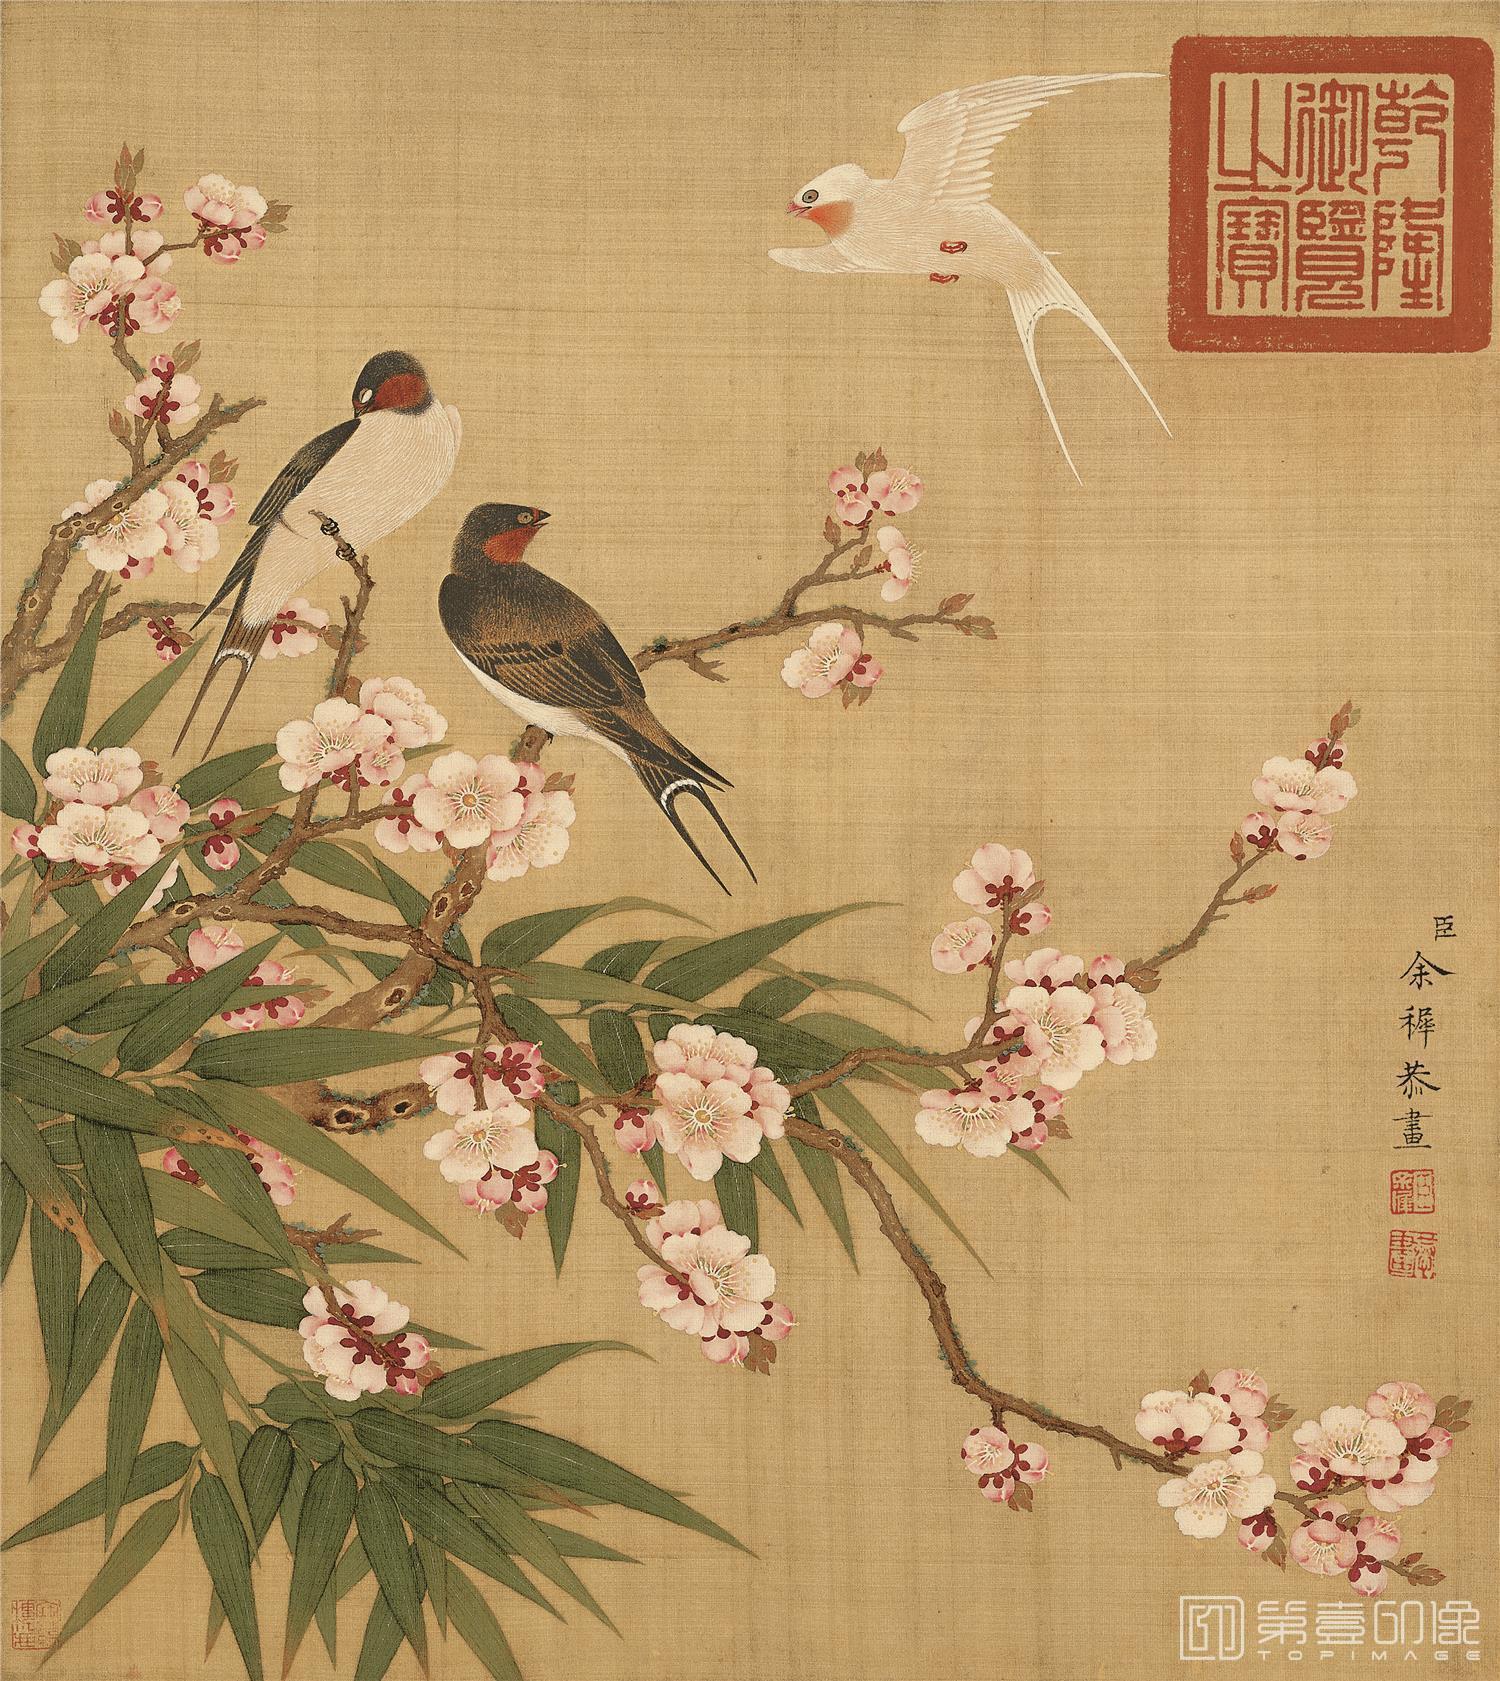 国画-国画-清-余稚-花鸟册-绢本-006-33x37cm